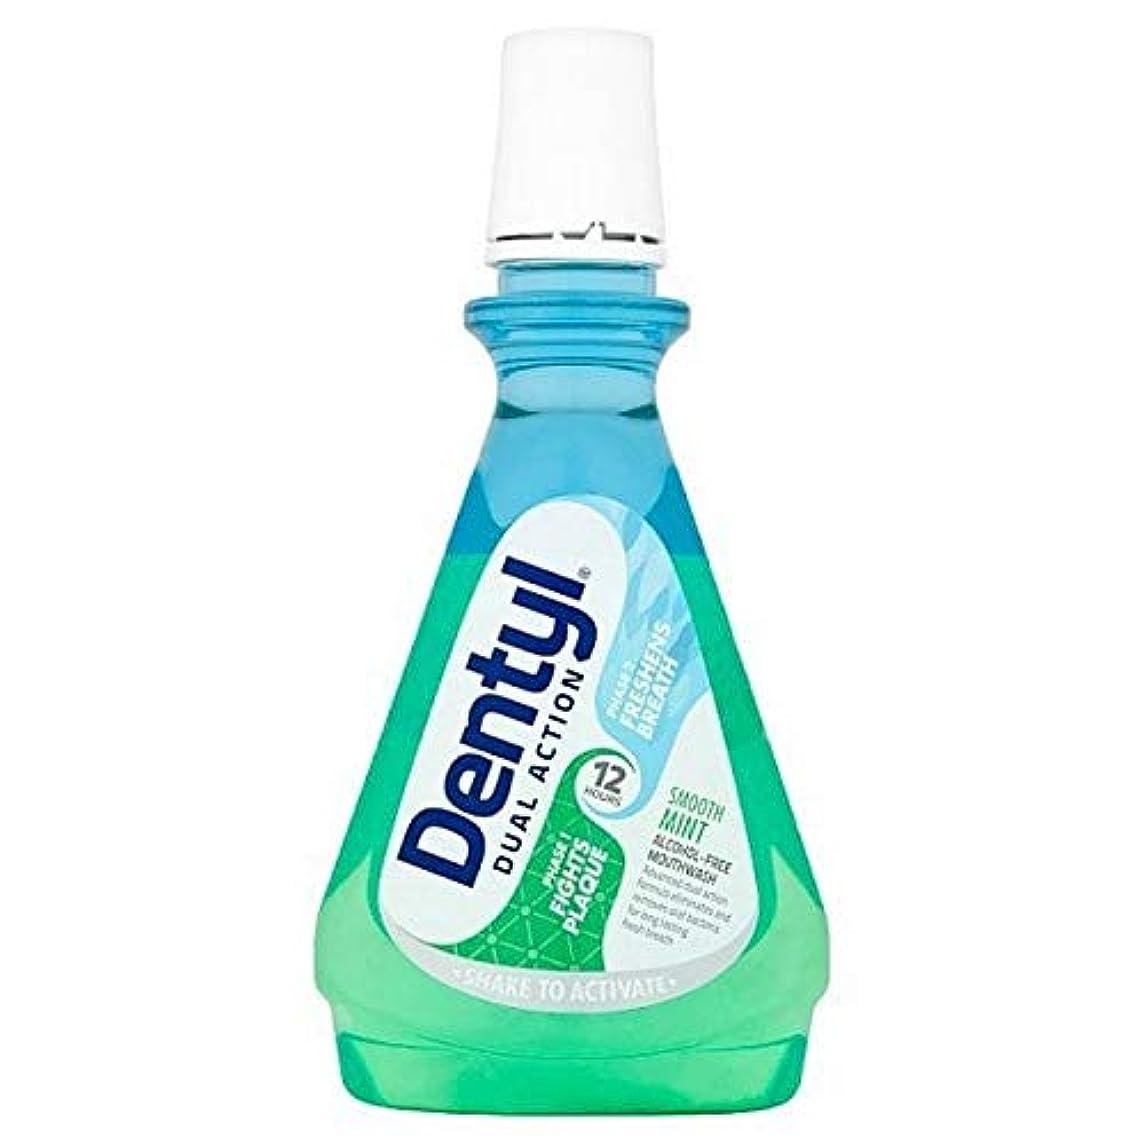 色仕立て屋毎月[Dentyl] DentylのPhはミントアルコールフリーのミントマウスウォッシュ500ミリリットル - Dentyl PH Mint Alcohol Free Mint Mouthwash 500ml [並行輸入品]